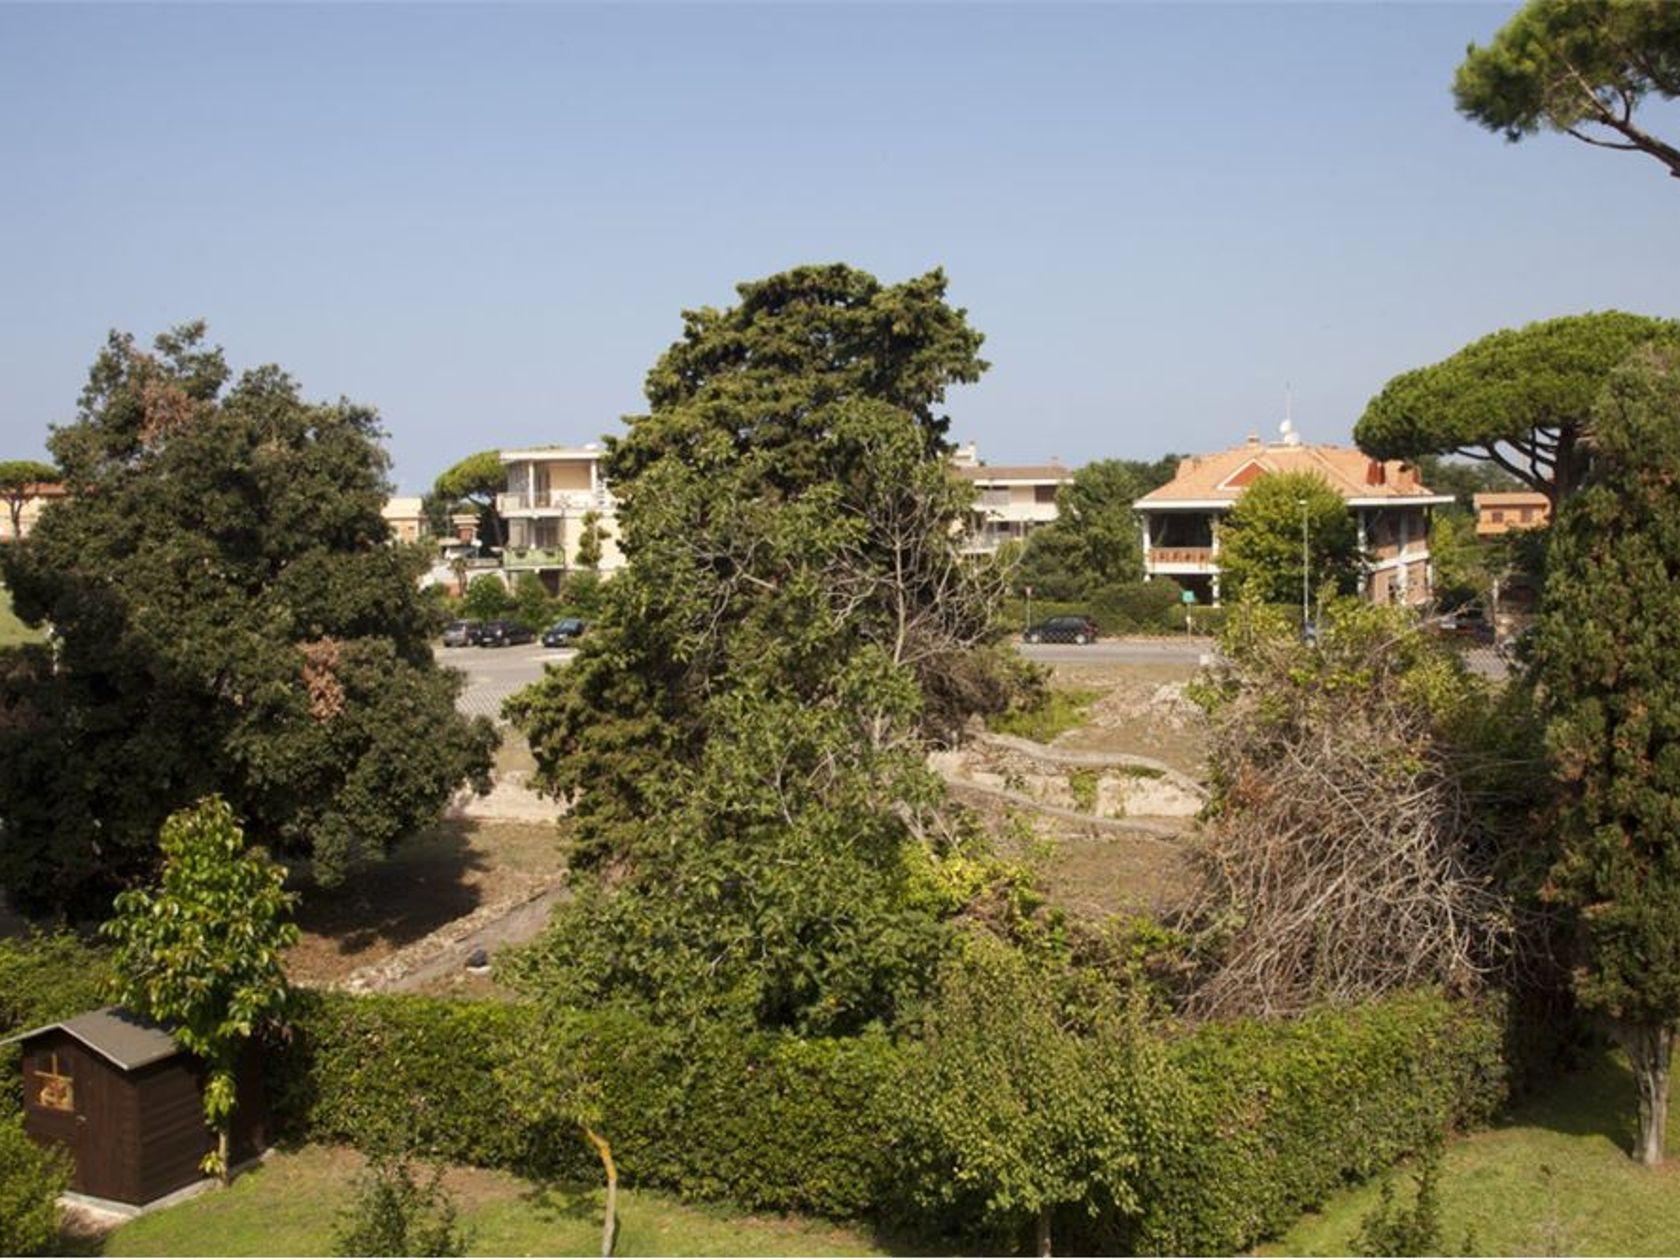 Attico/Mansarda Anzio-santa Teresa, Anzio, RM Vendita - Foto 7